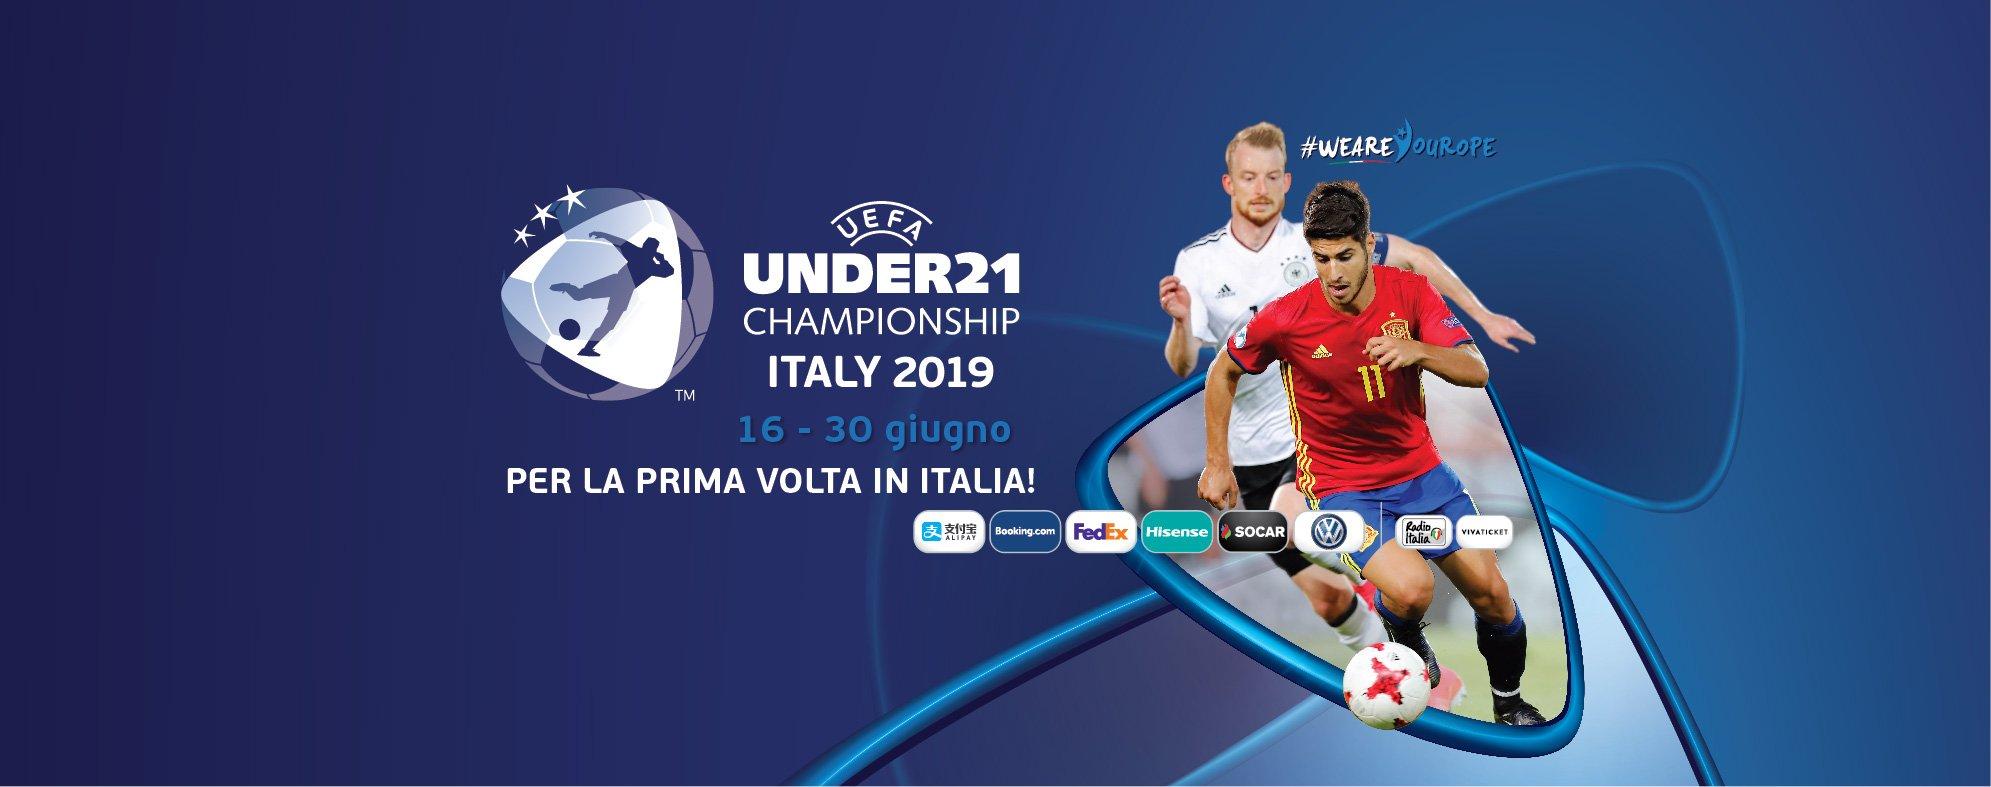 Rai Sport, Europei Under 21 1a Giornata, Diretta Esclusiva, Palinsesto e Telecronisti